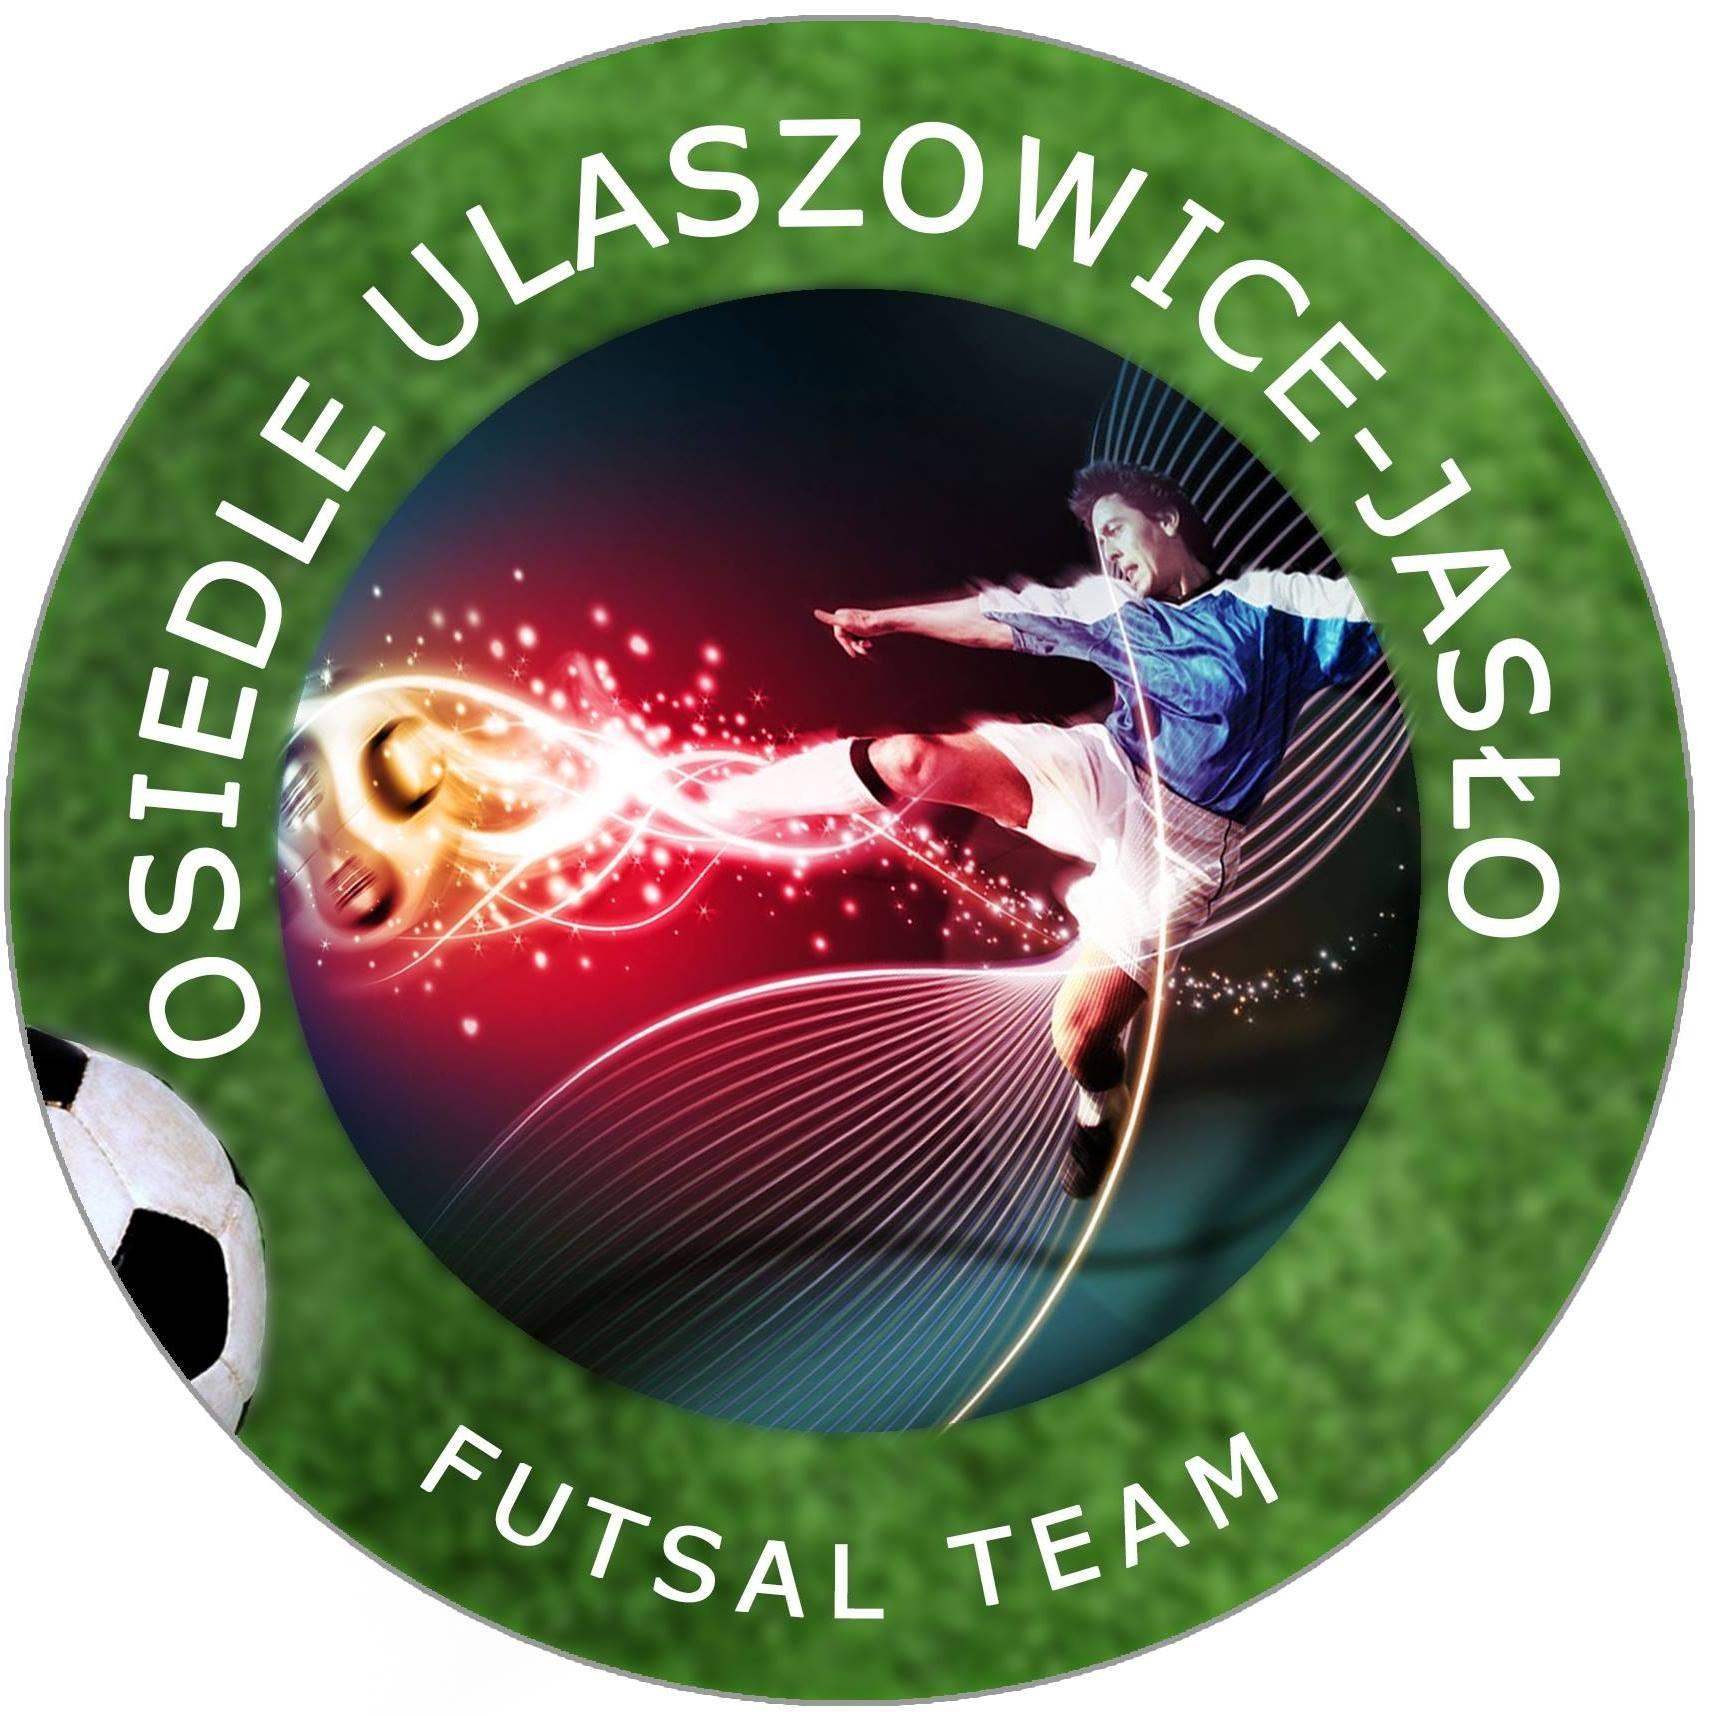 Osiedle Ulaszowice Jasło Futsal Team